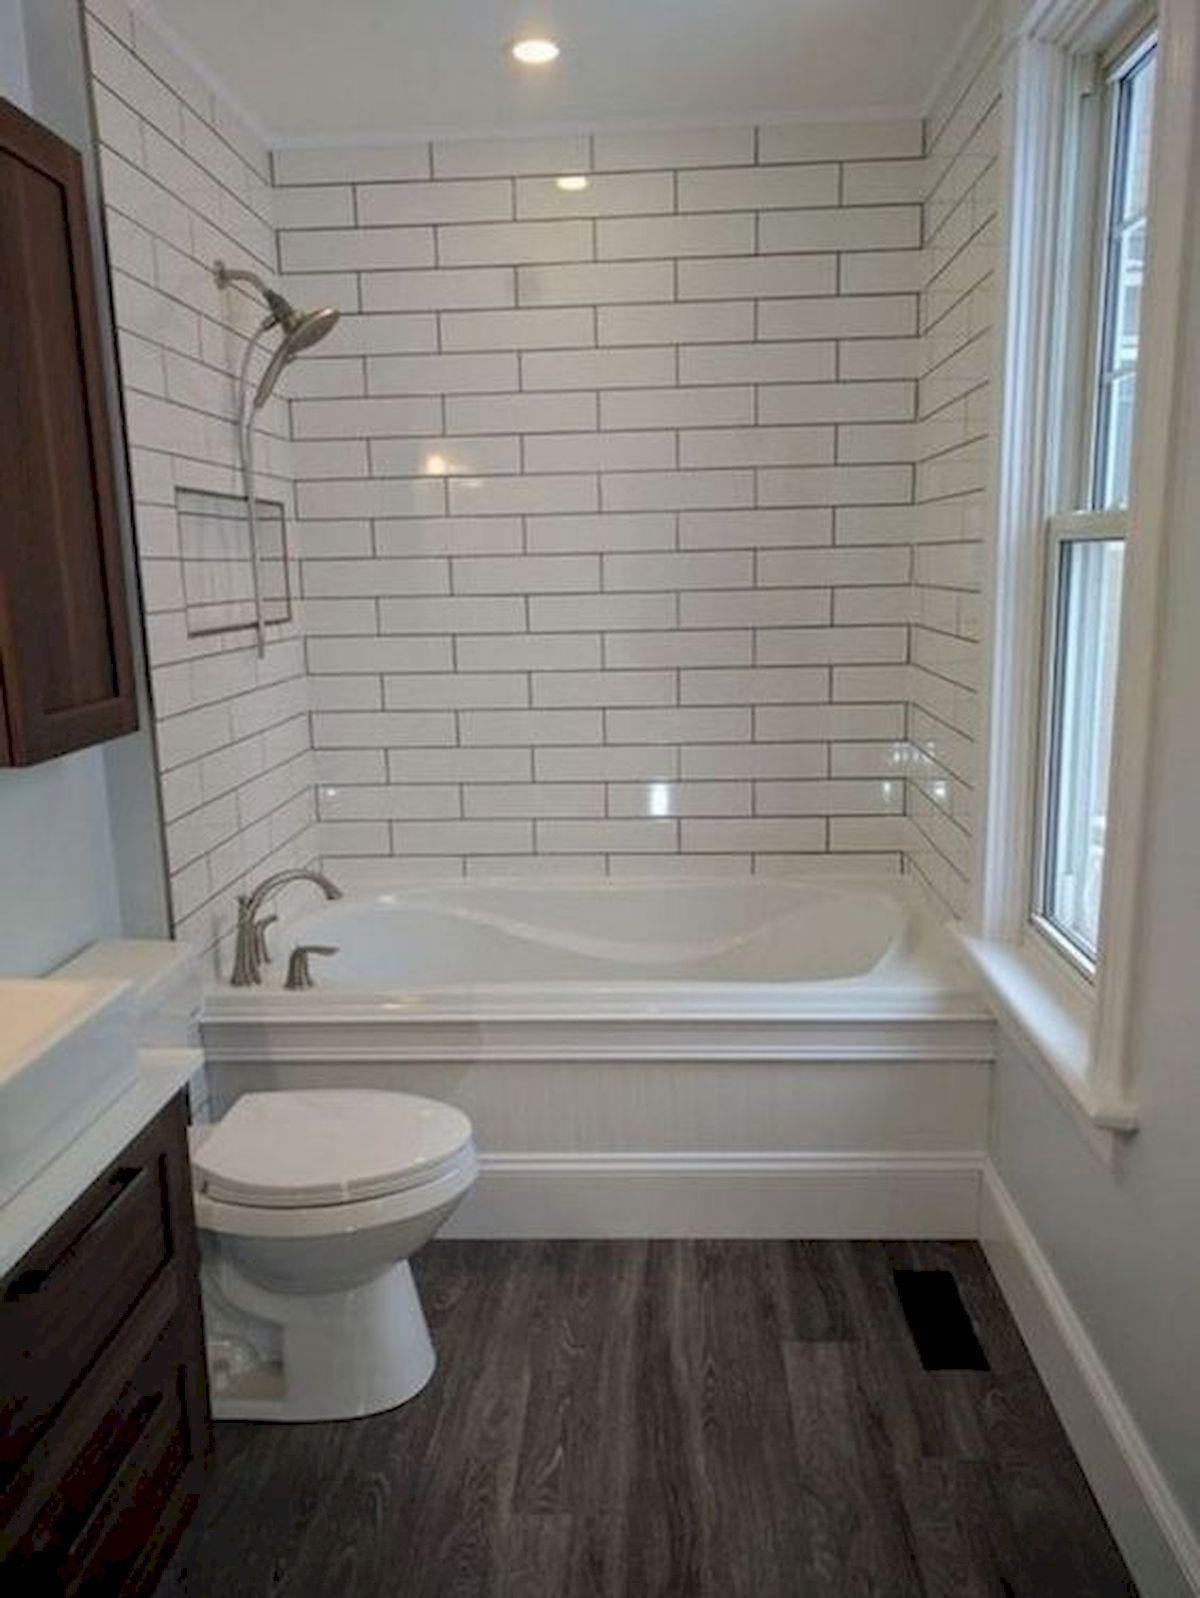 50 Amazing Modern Farmhouse Bathroom Remodel Ideas Budget Bathroom Remodel Small Bathroom Remodel Bathroom Design